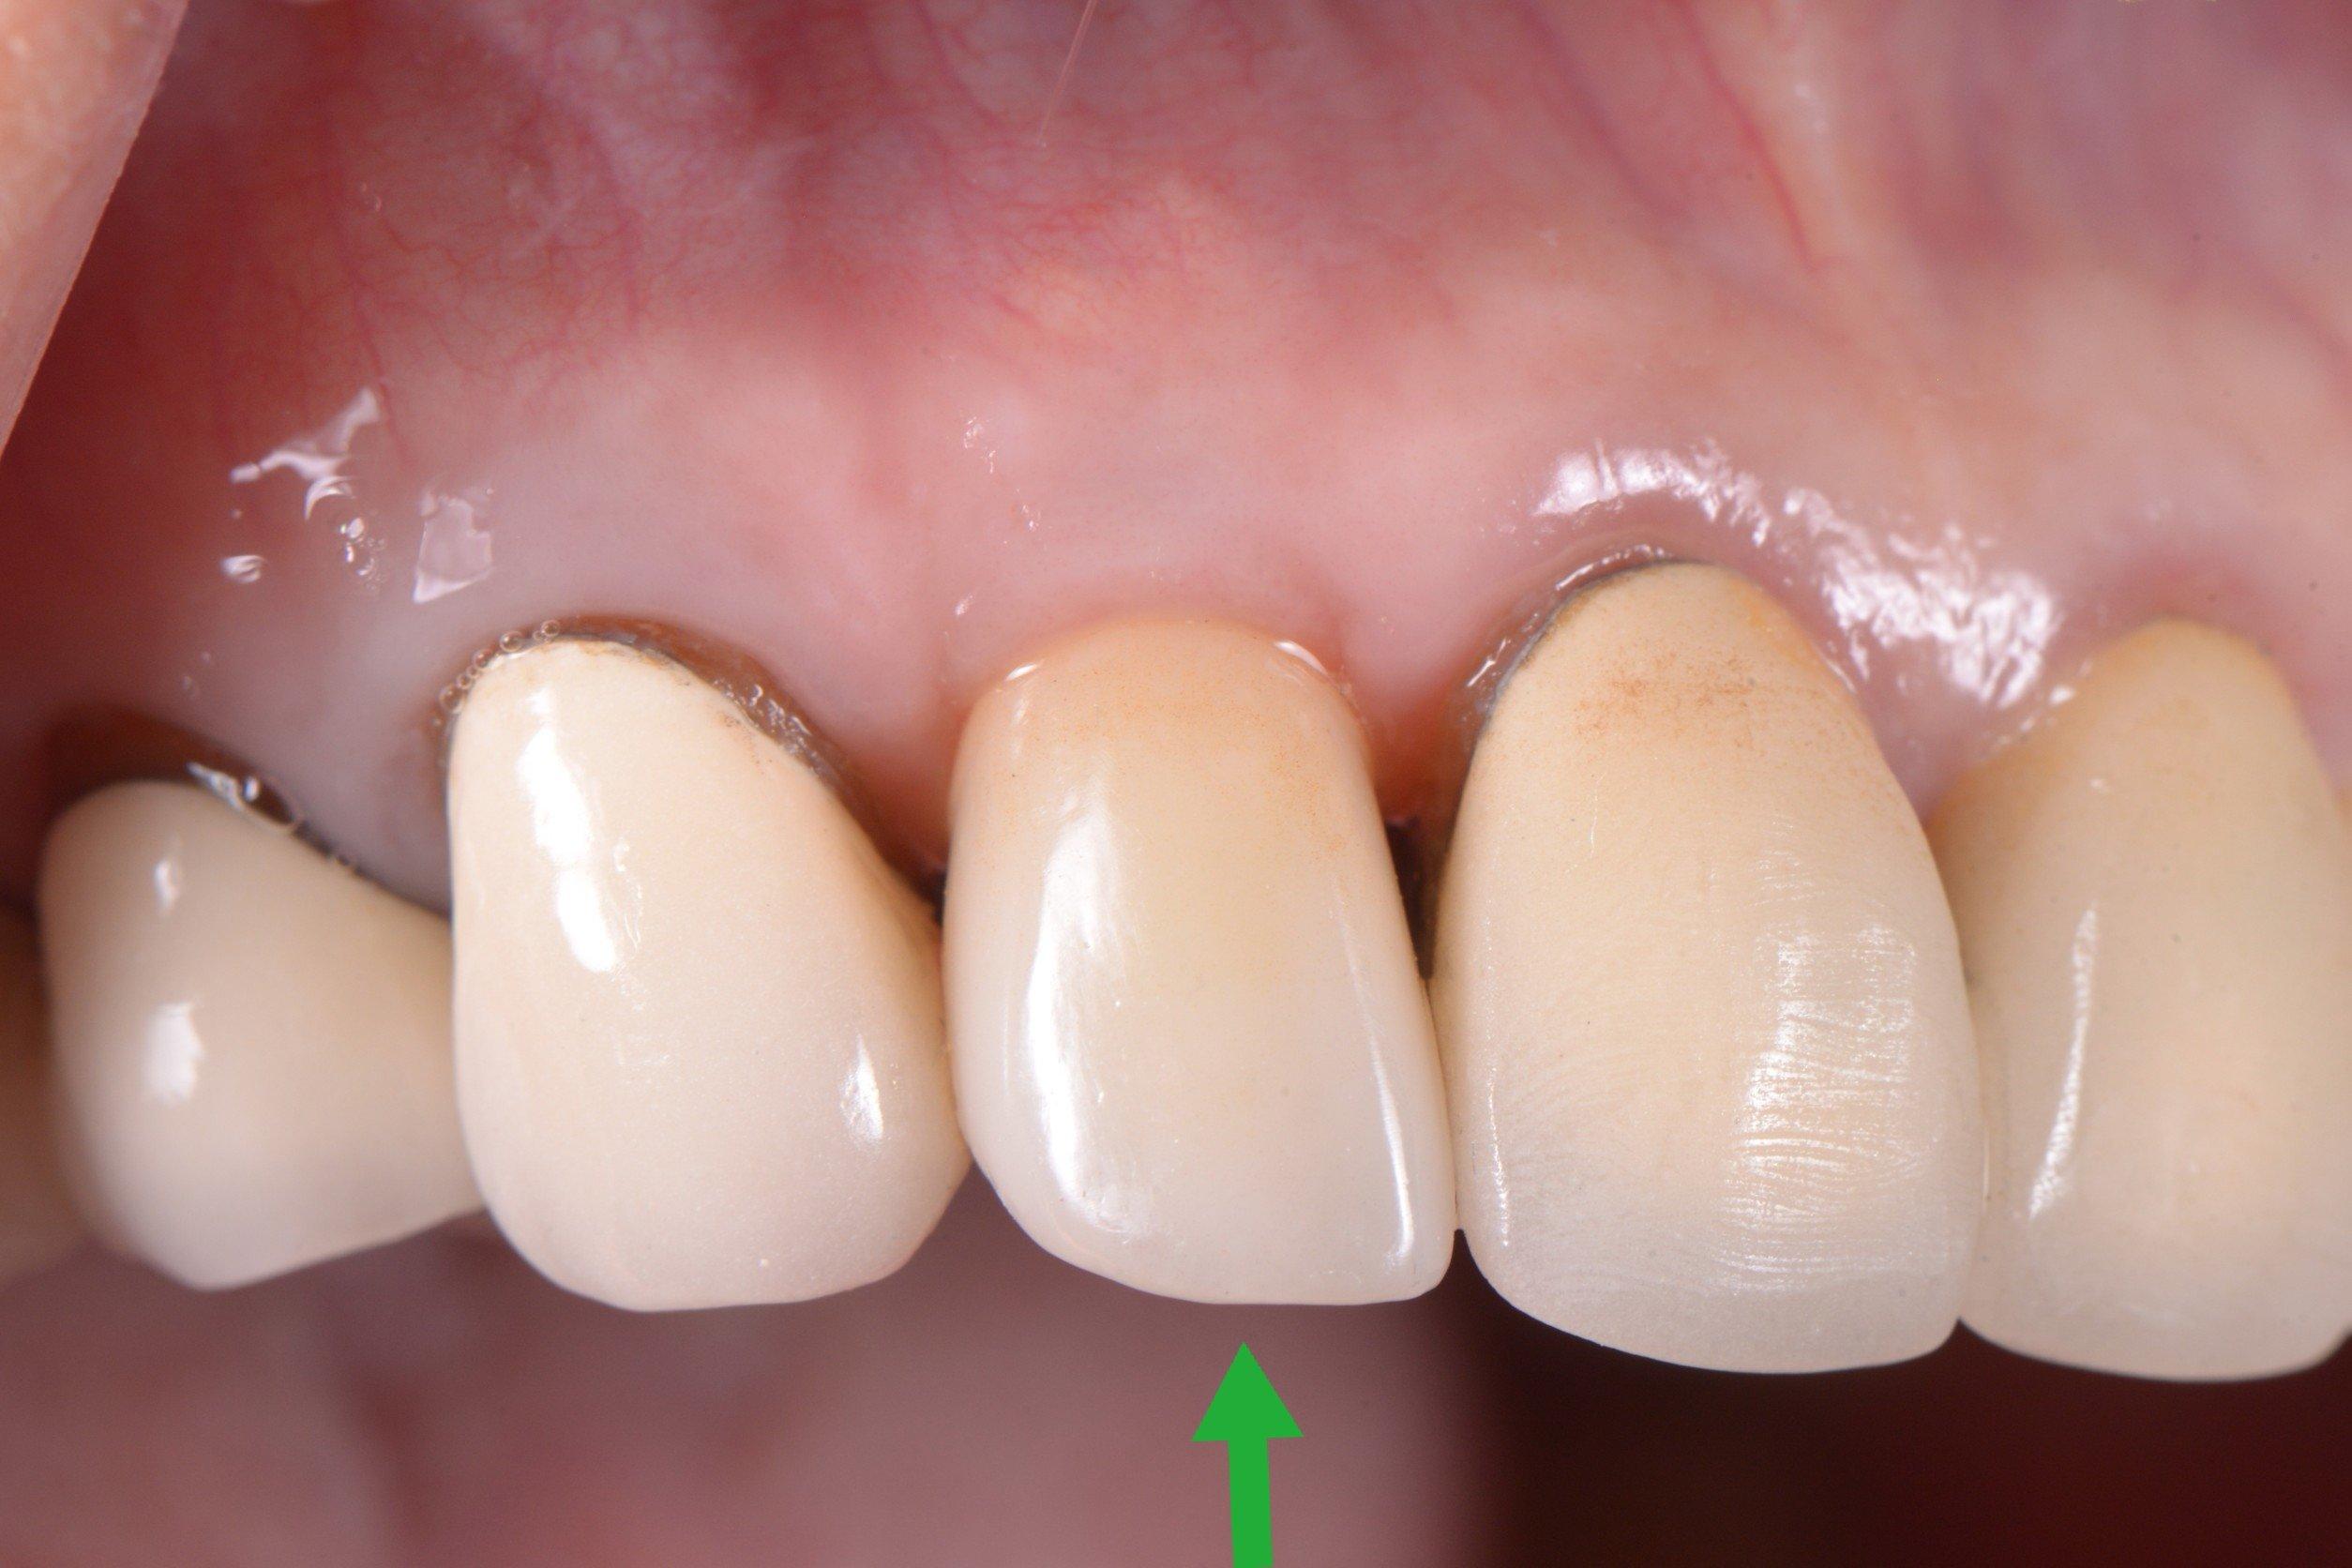 前歯のインプラント治療は簡単??